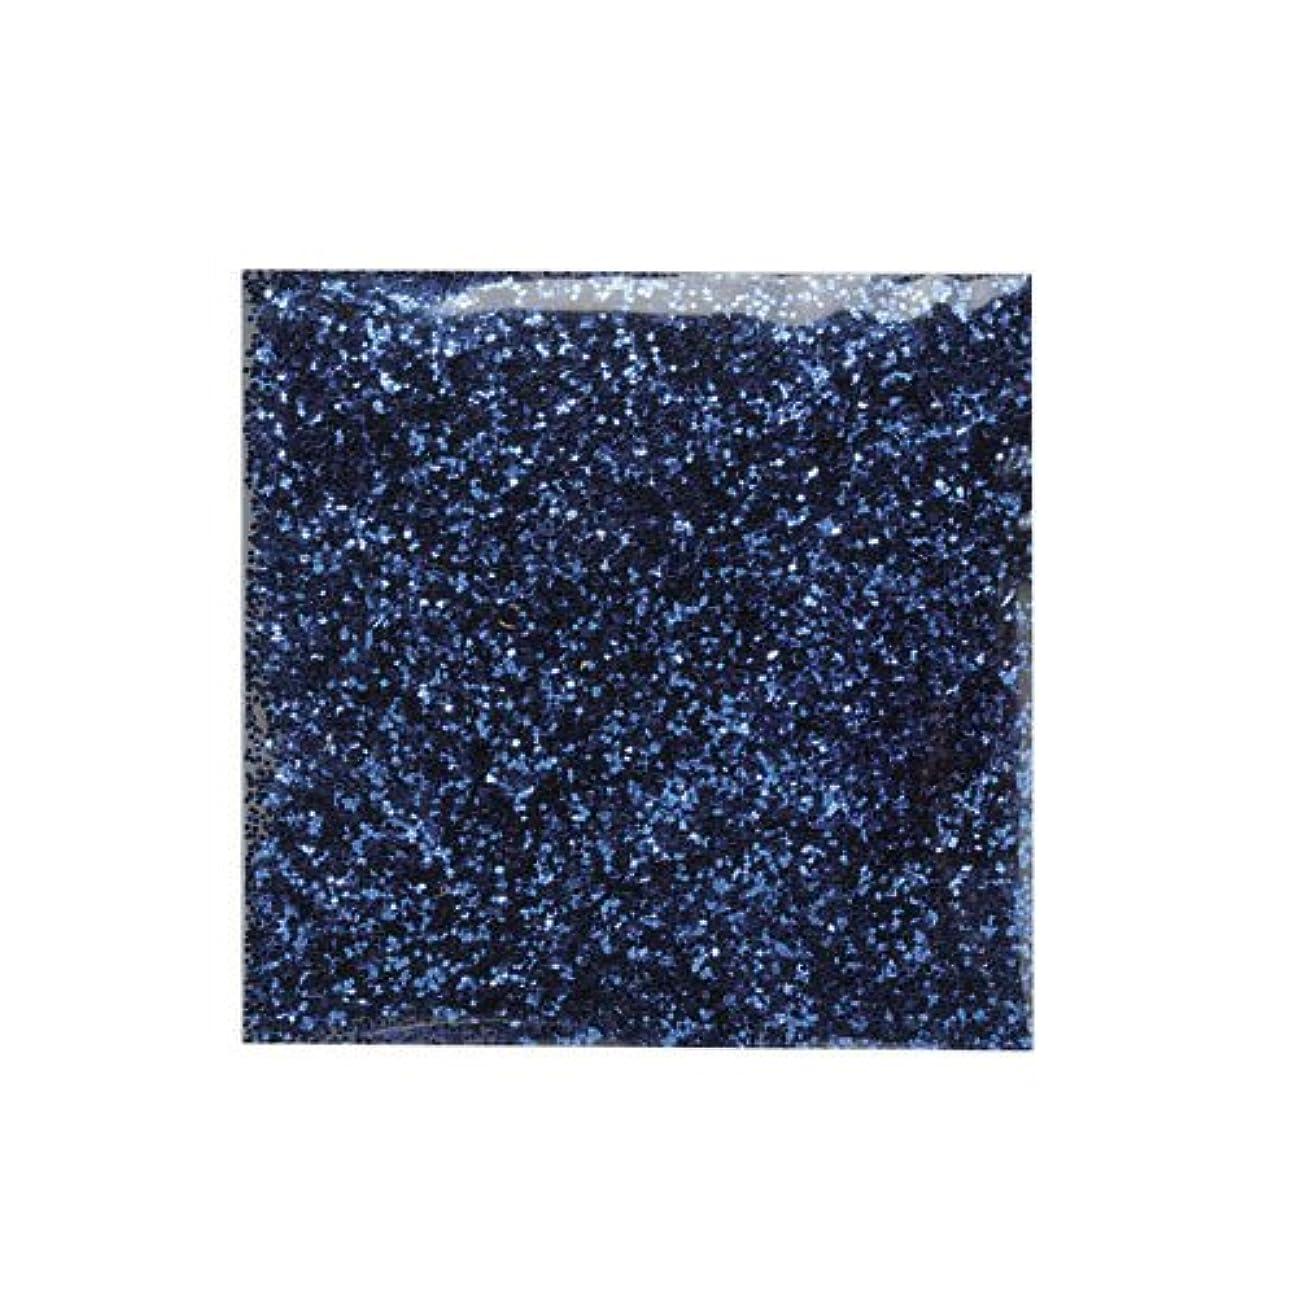 霊センチメンタル一時停止ピカエース ネイル用パウダー ピカエース ラメメタリック M #536 ブルー 2g アート材